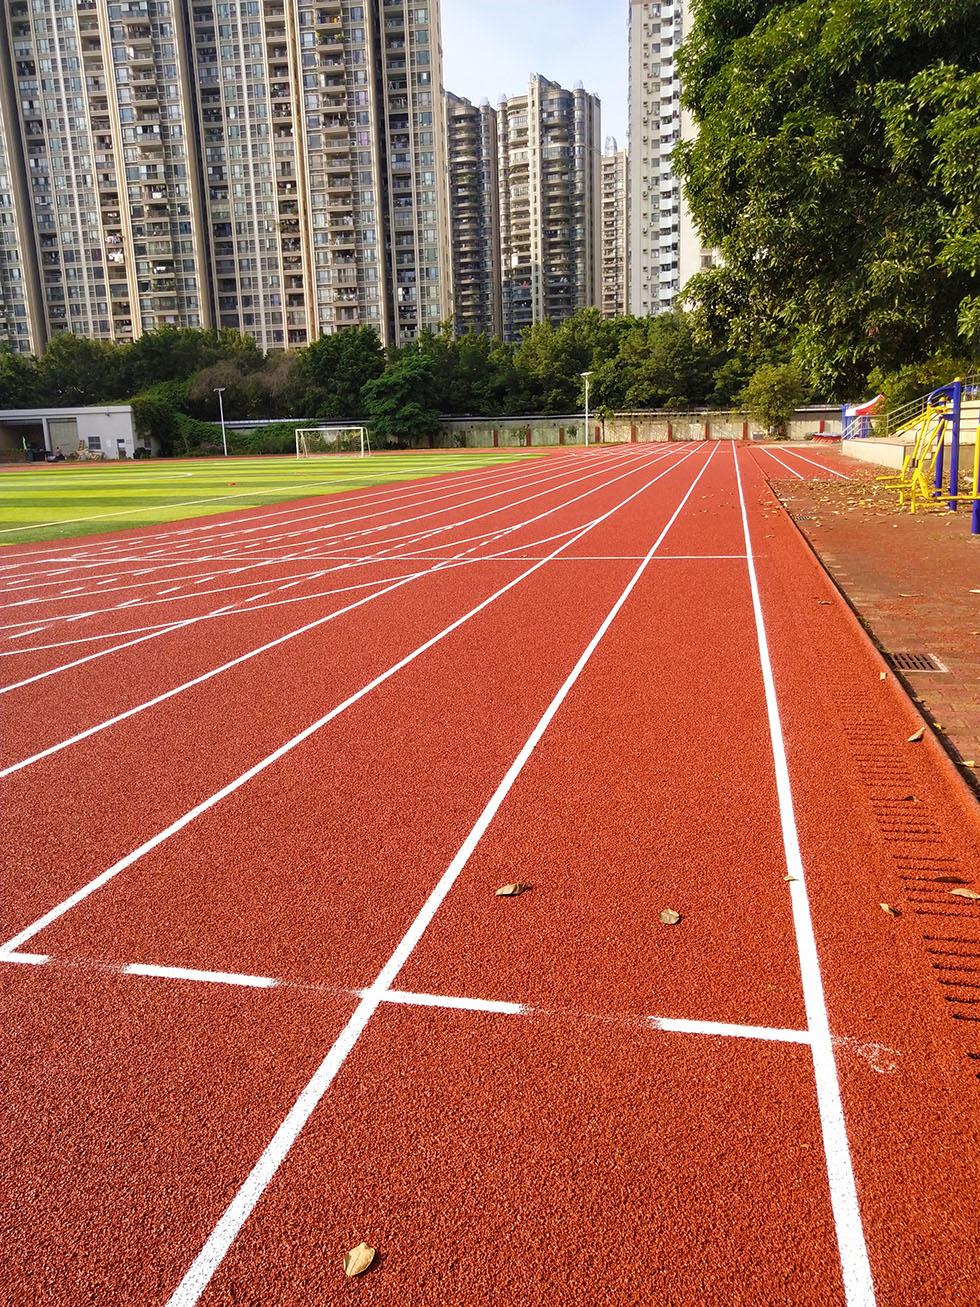 塑胶网球场  网球场施工  硅PU网球场标准尺寸